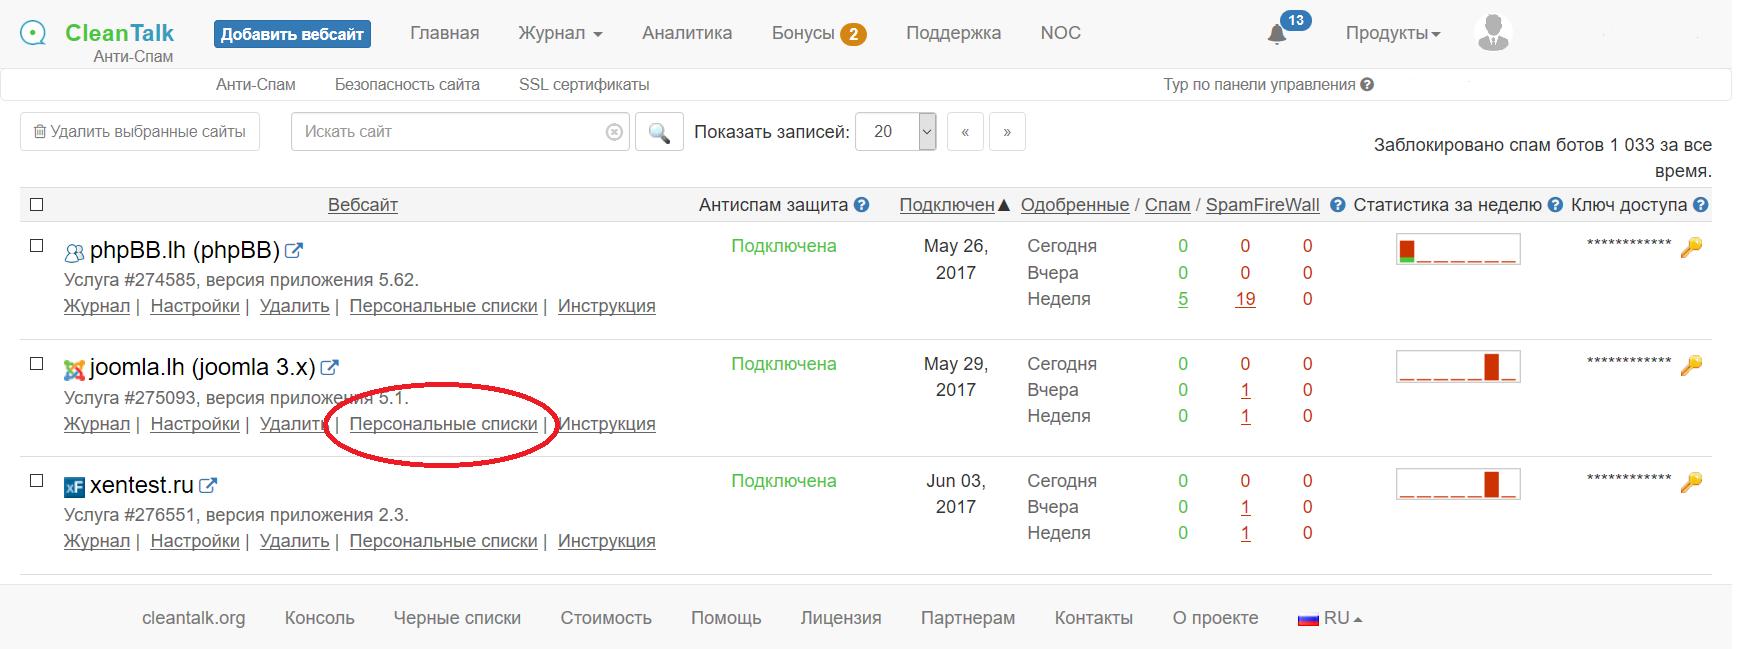 Персональные списки CleanTalk анти-спам